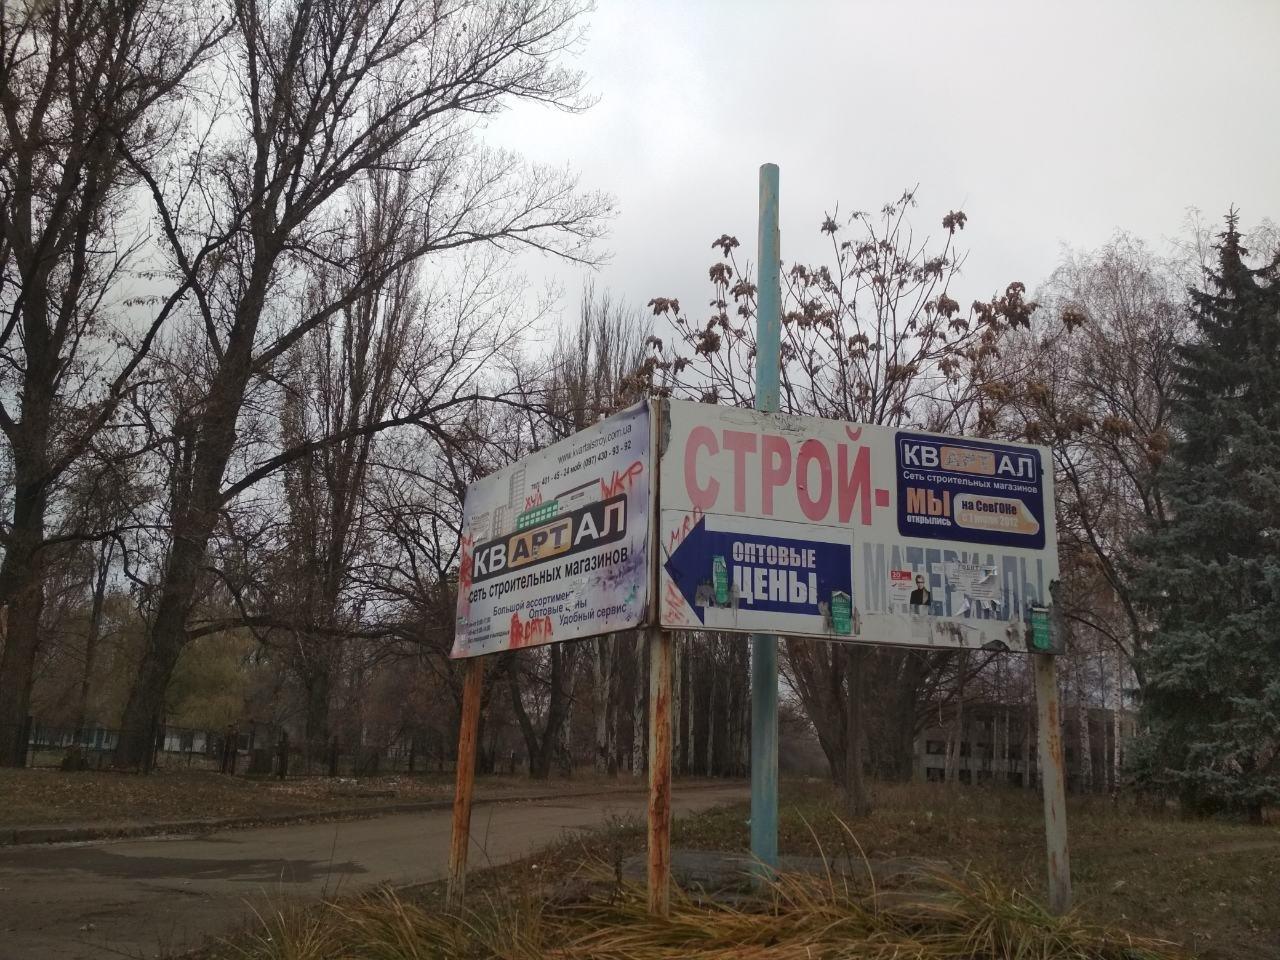 Криворожским предпринимателям дали несколько дней на демонтаж незаконной рекламы, - ФОТО , фото-15